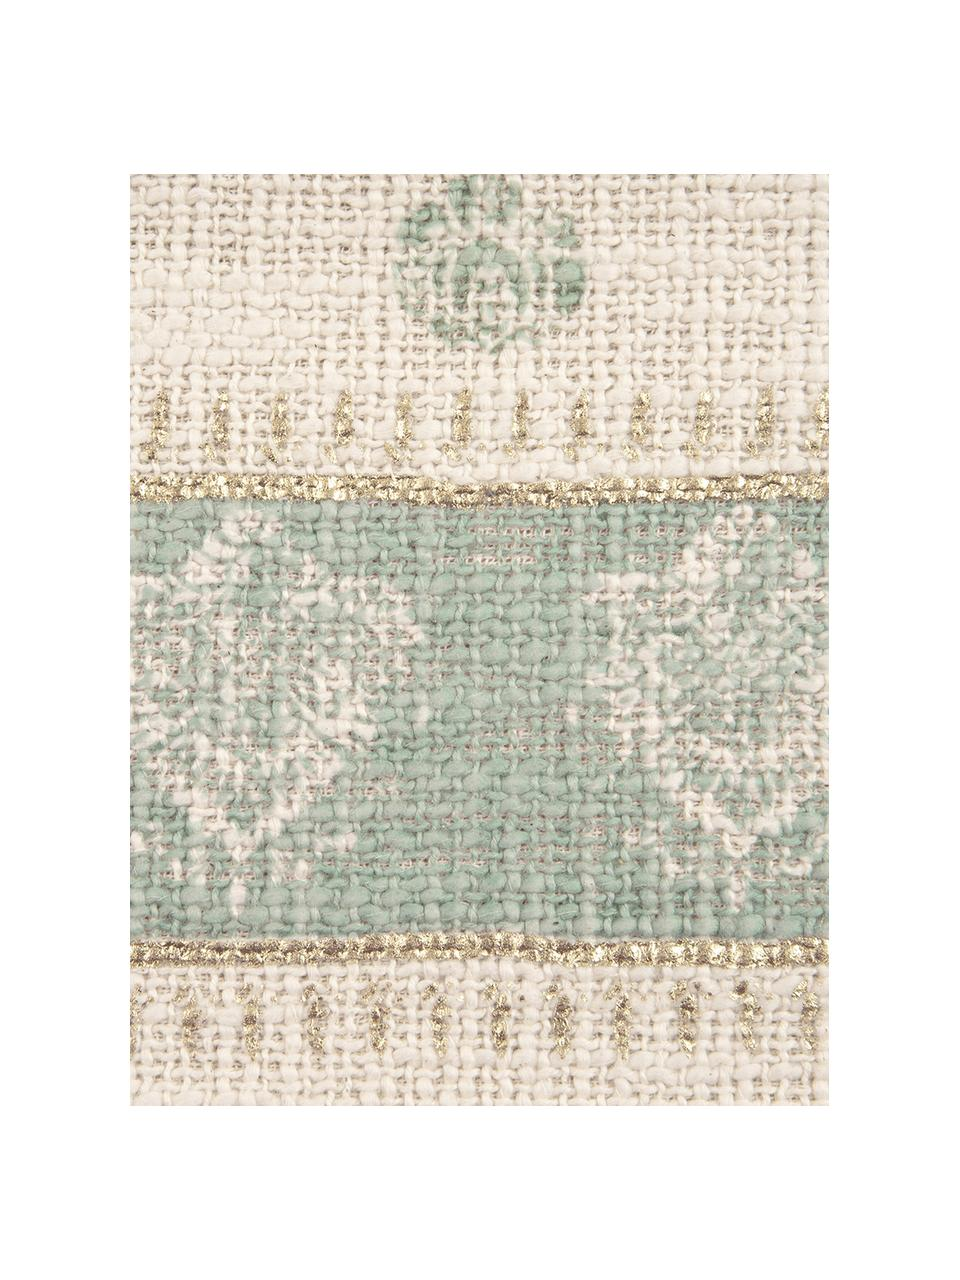 Kissenhülle Jasmine mit goldenen Details und Quasten, 100% Baumwolle, Beige, Mintgrün, Goldfarben, 30 x 50 cm